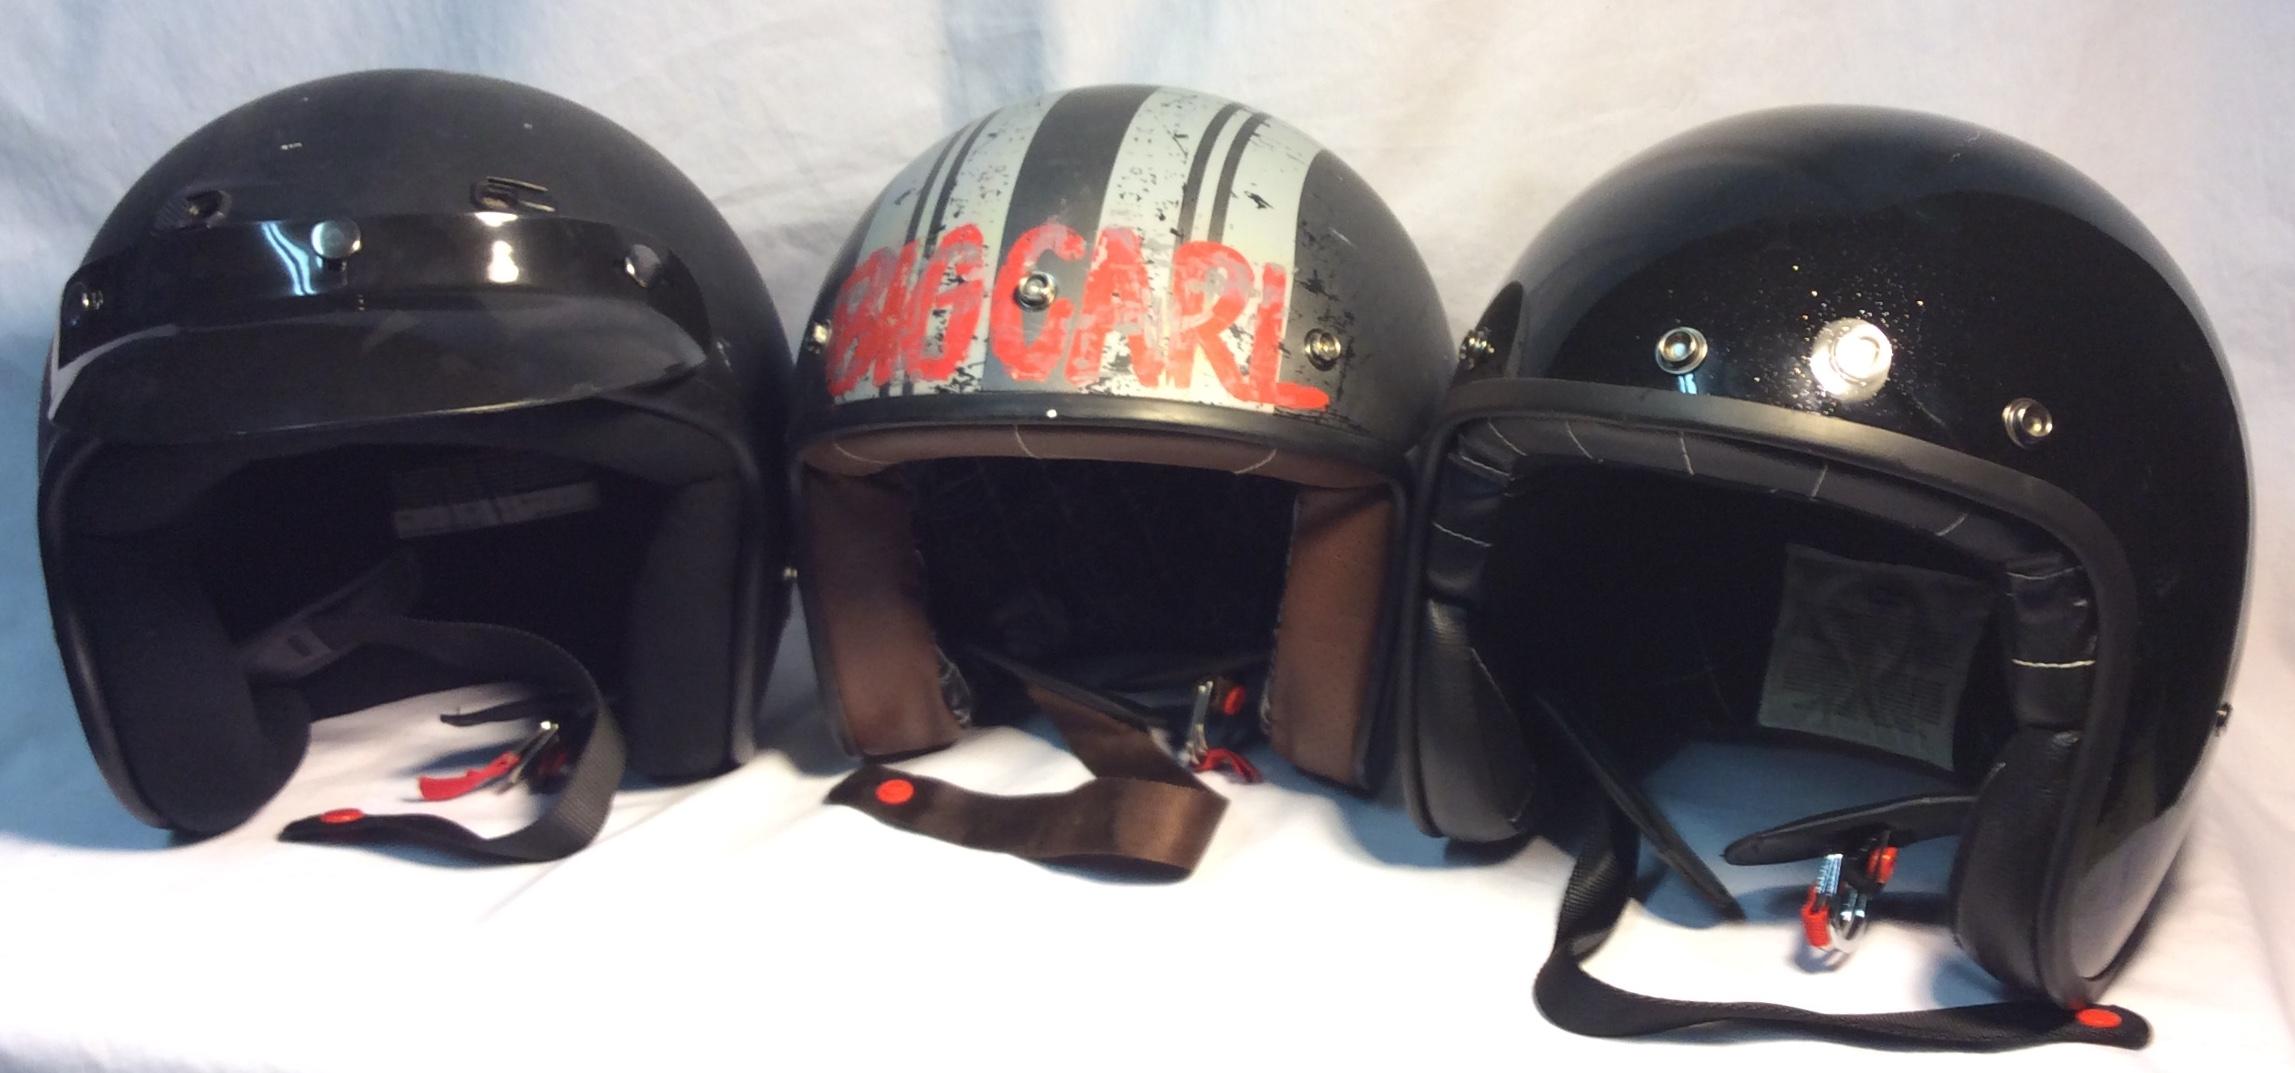 Motorcycle Helmets (Various Styles)